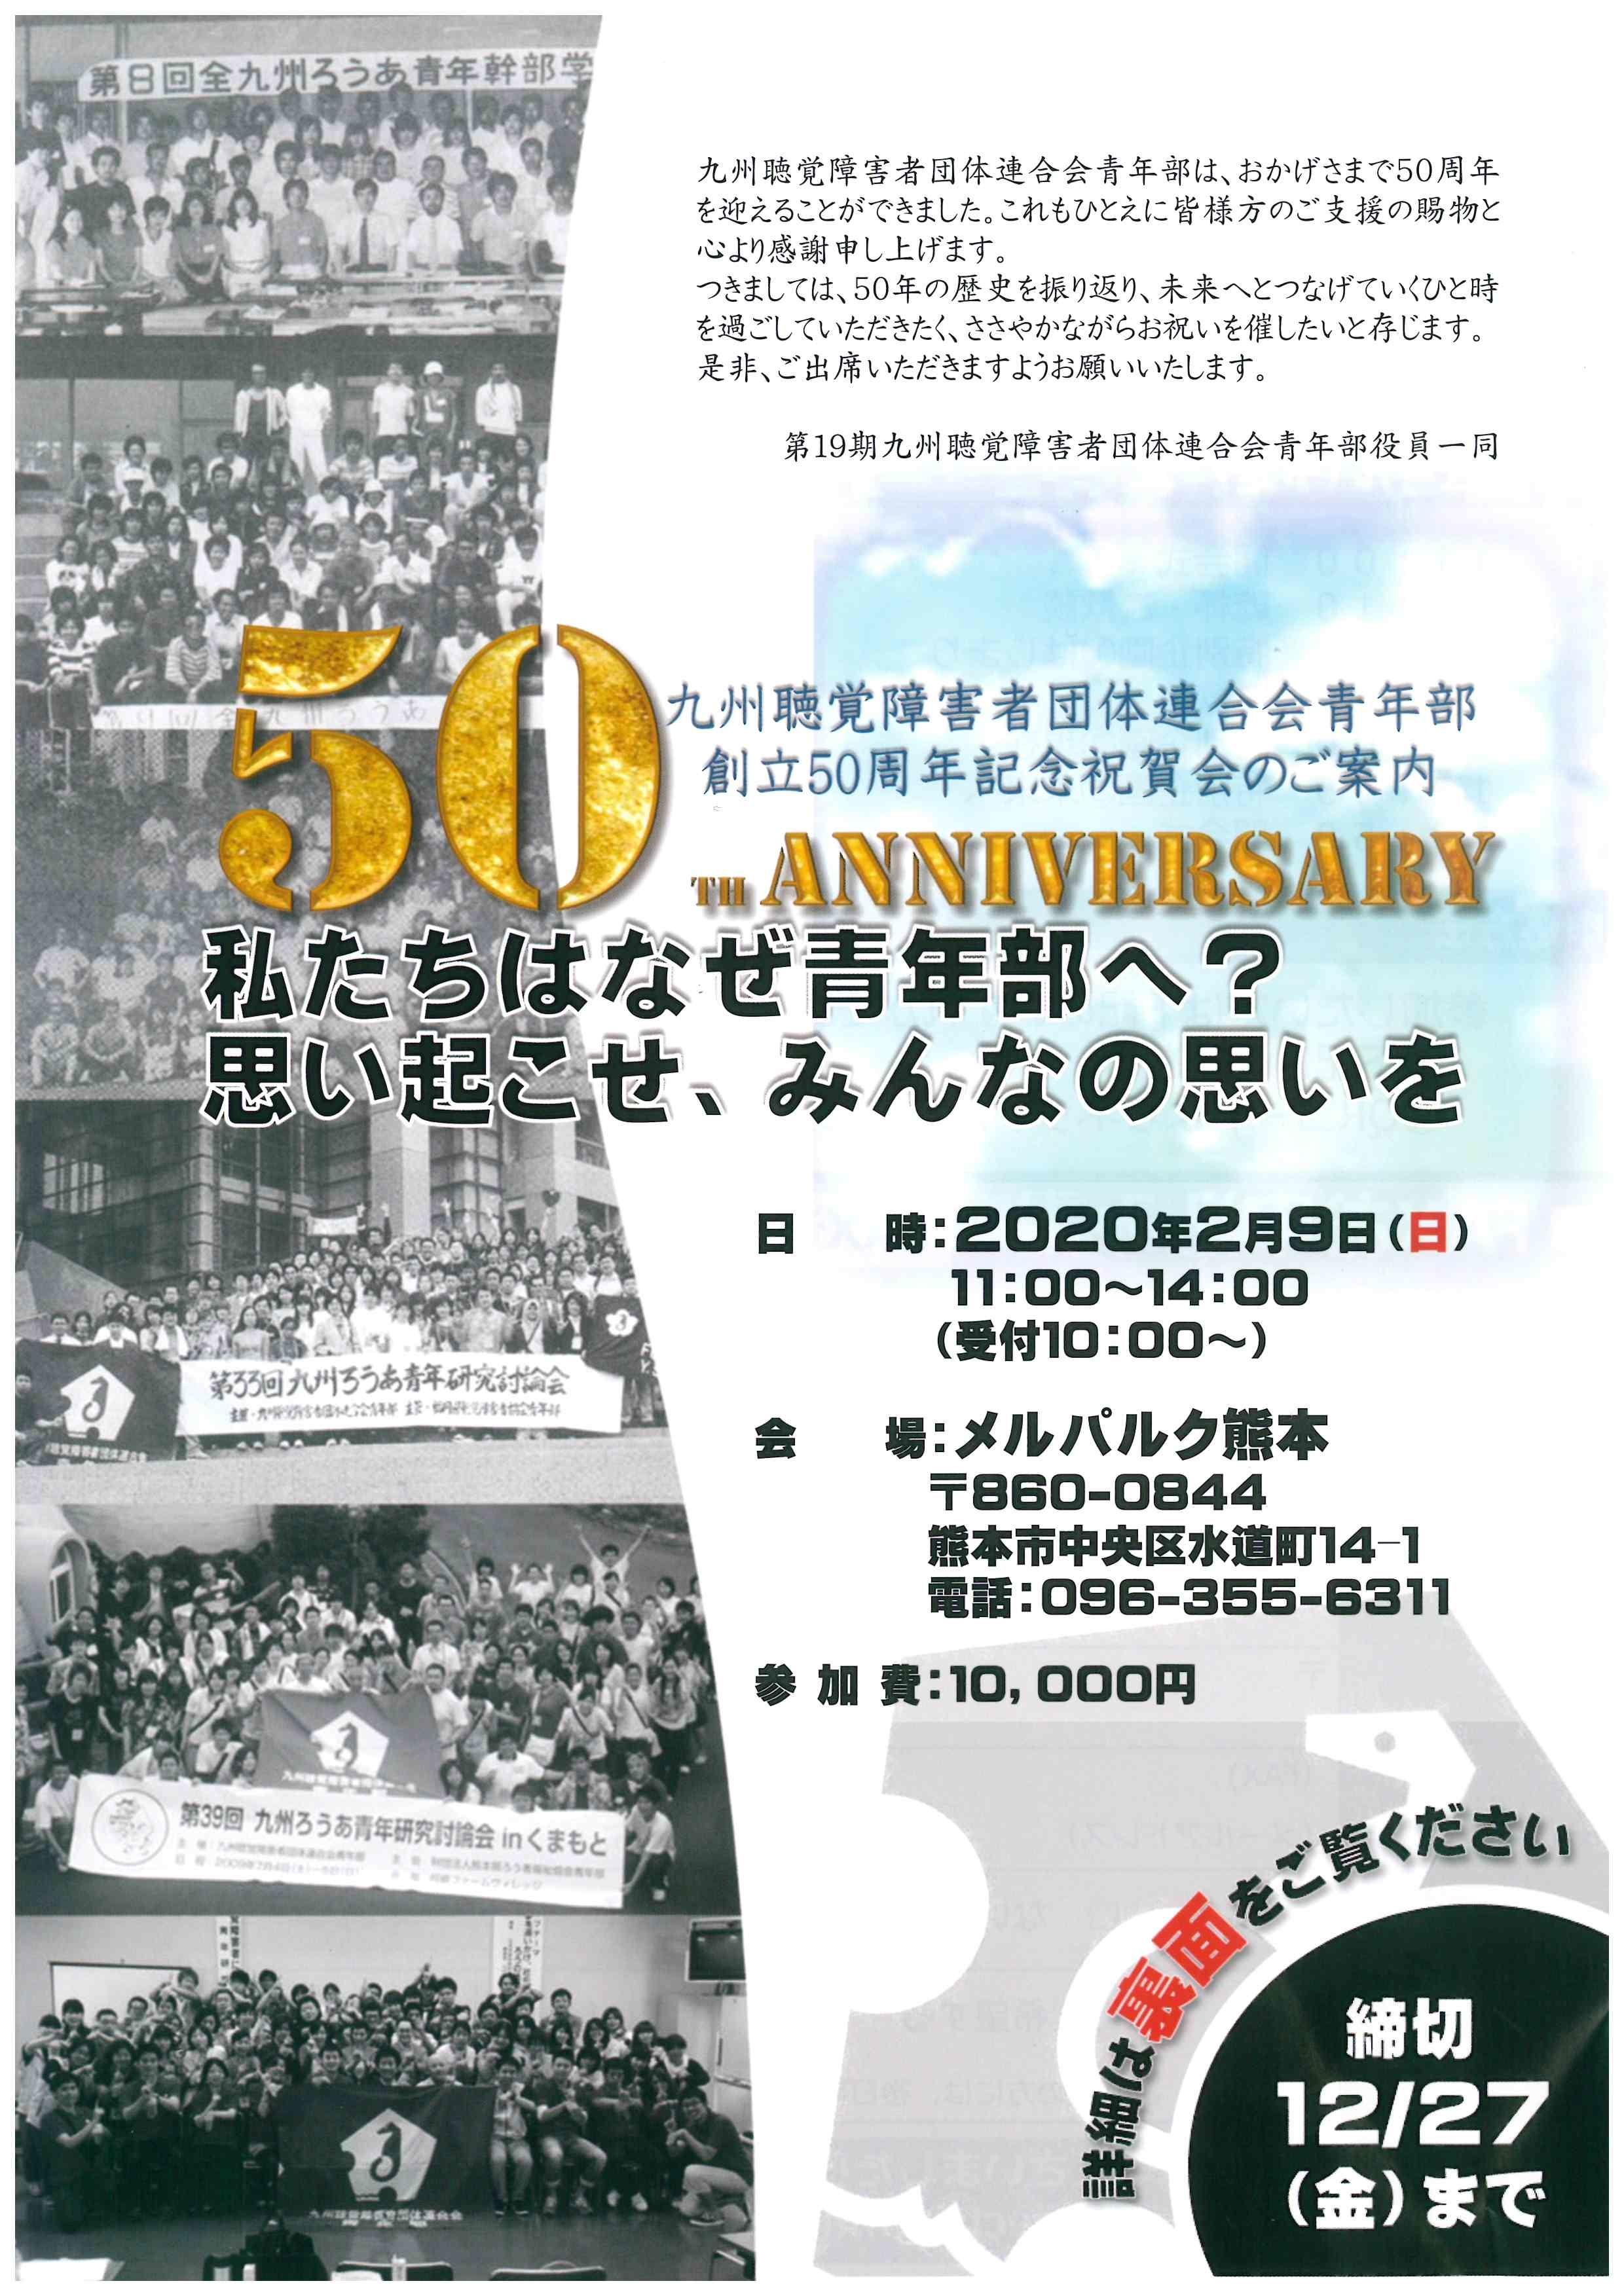 九州聴覚障害者団体連合会青年部創立50周年祝賀会のご案内_d0070316_13412771.jpg